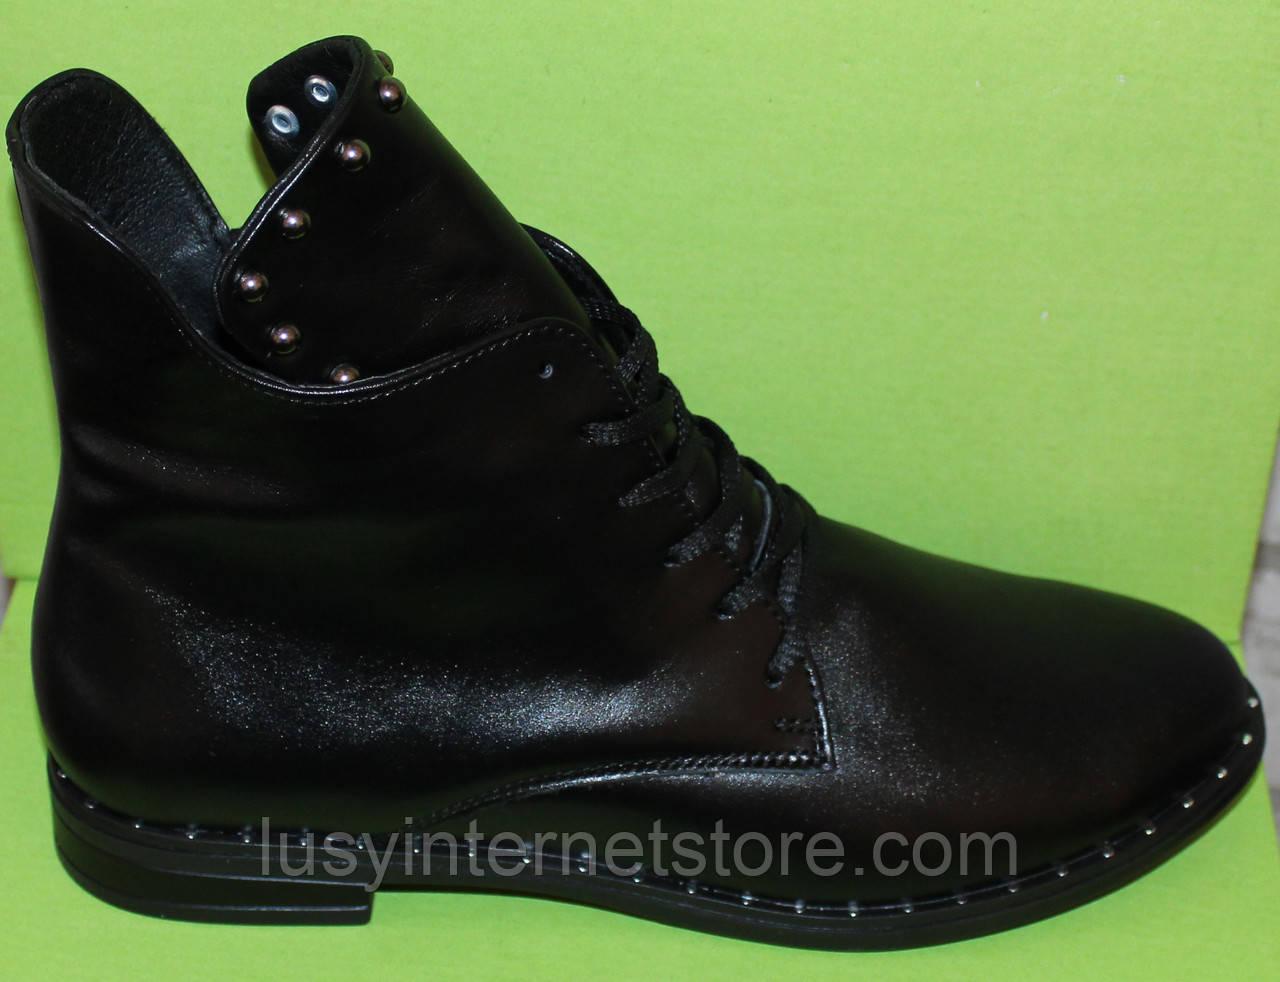 ca378f39c Молодежные женские ботинки кожаные, женская обувь кожаная от производителя  модель В1650 - Lusy в Харькове